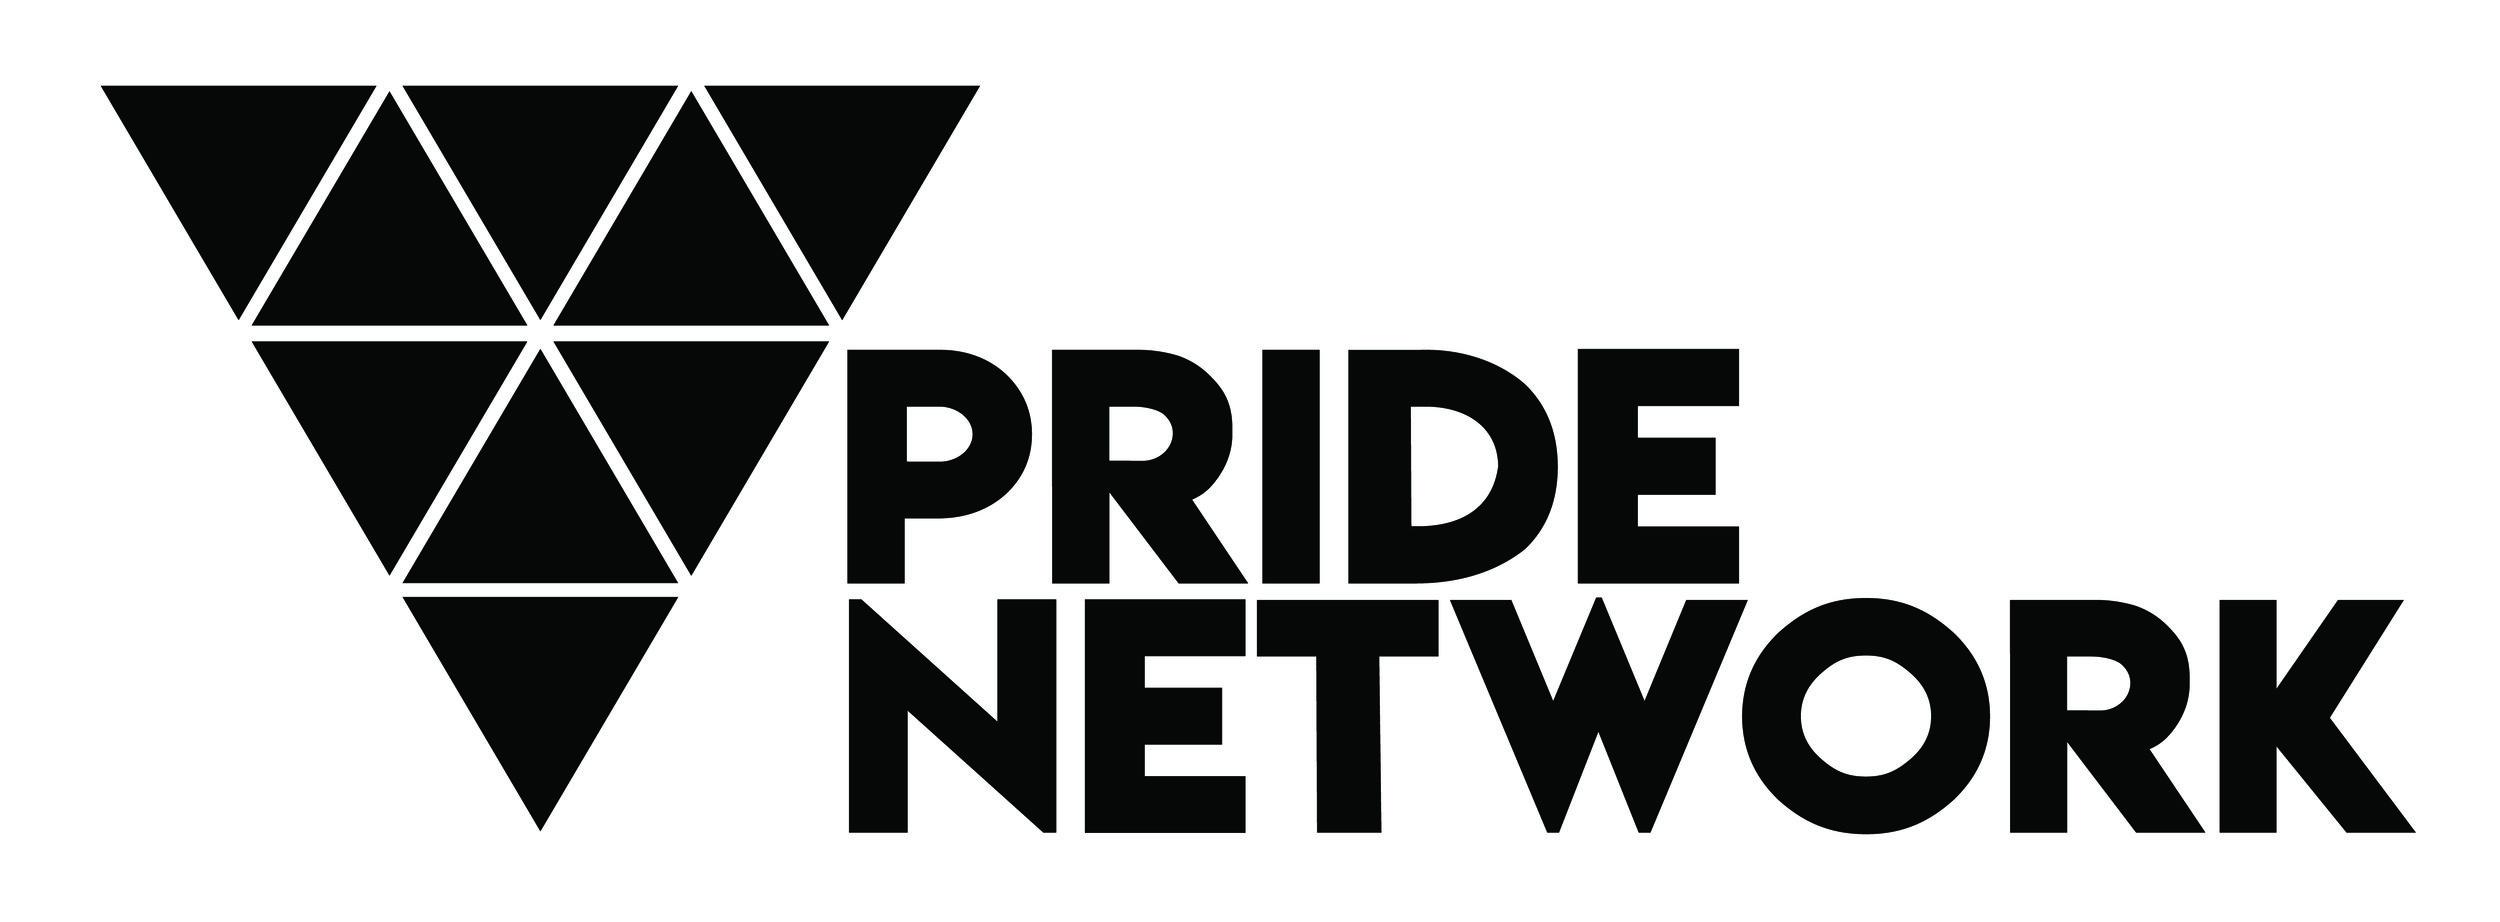 Pride_Network_Black_JPEG-01.jpg